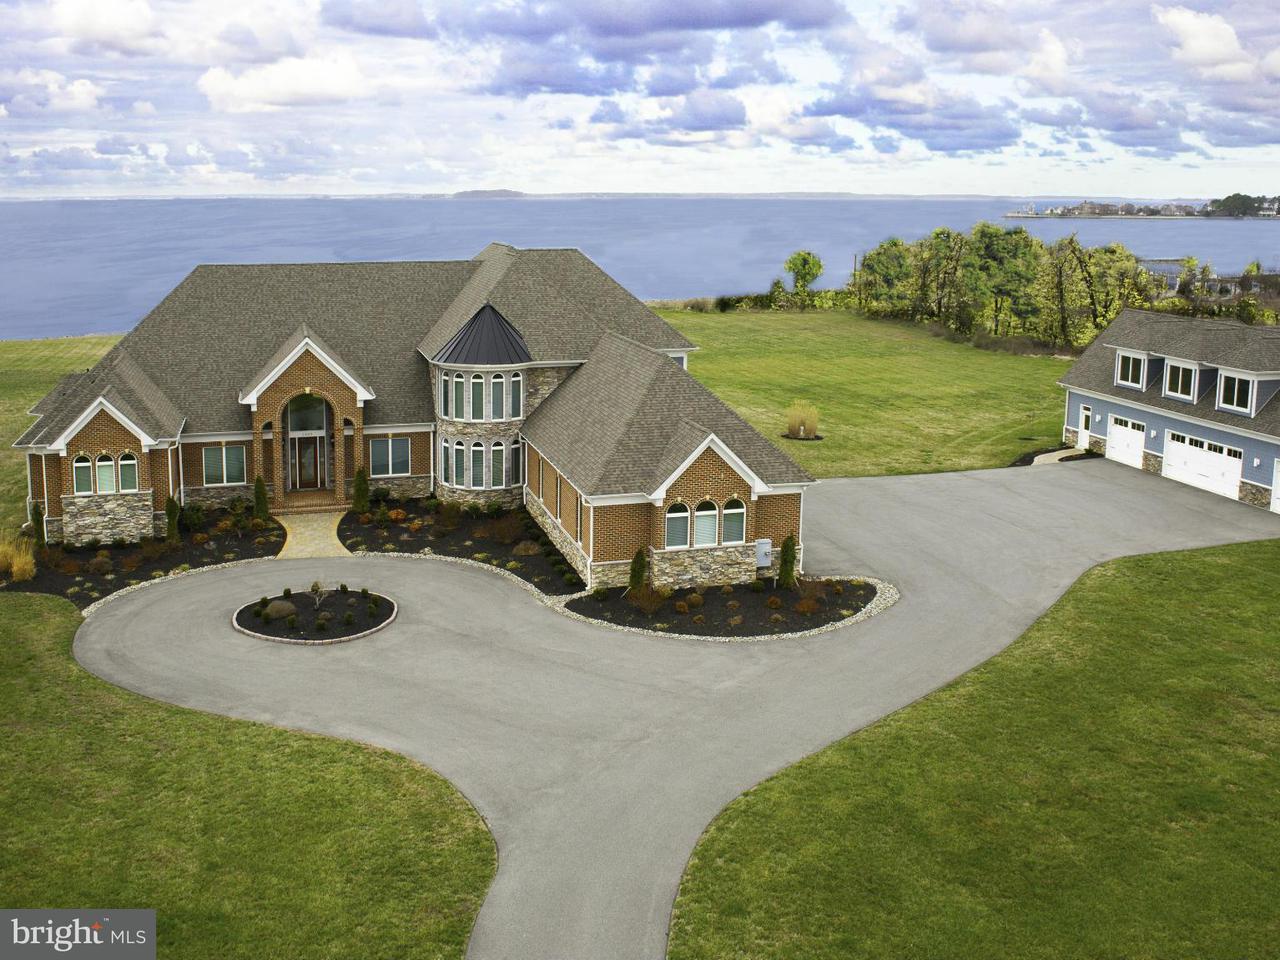 Частный односемейный дом для того Продажа на 3008 BENNETT POINT Road 3008 BENNETT POINT Road Queenstown, Мэриленд 21658 Соединенные Штаты